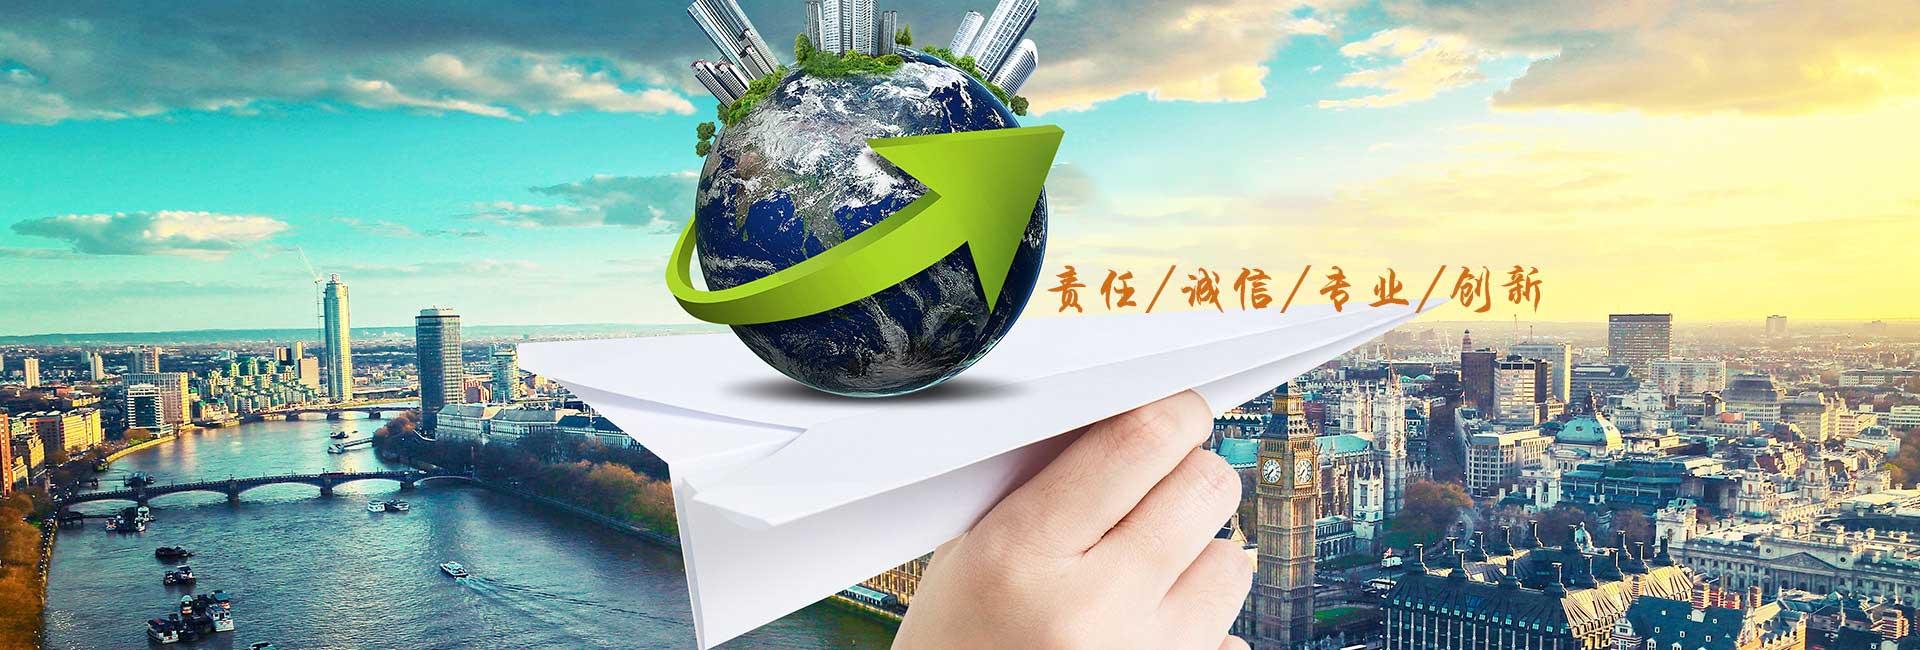 产地秀环保工程有限公司